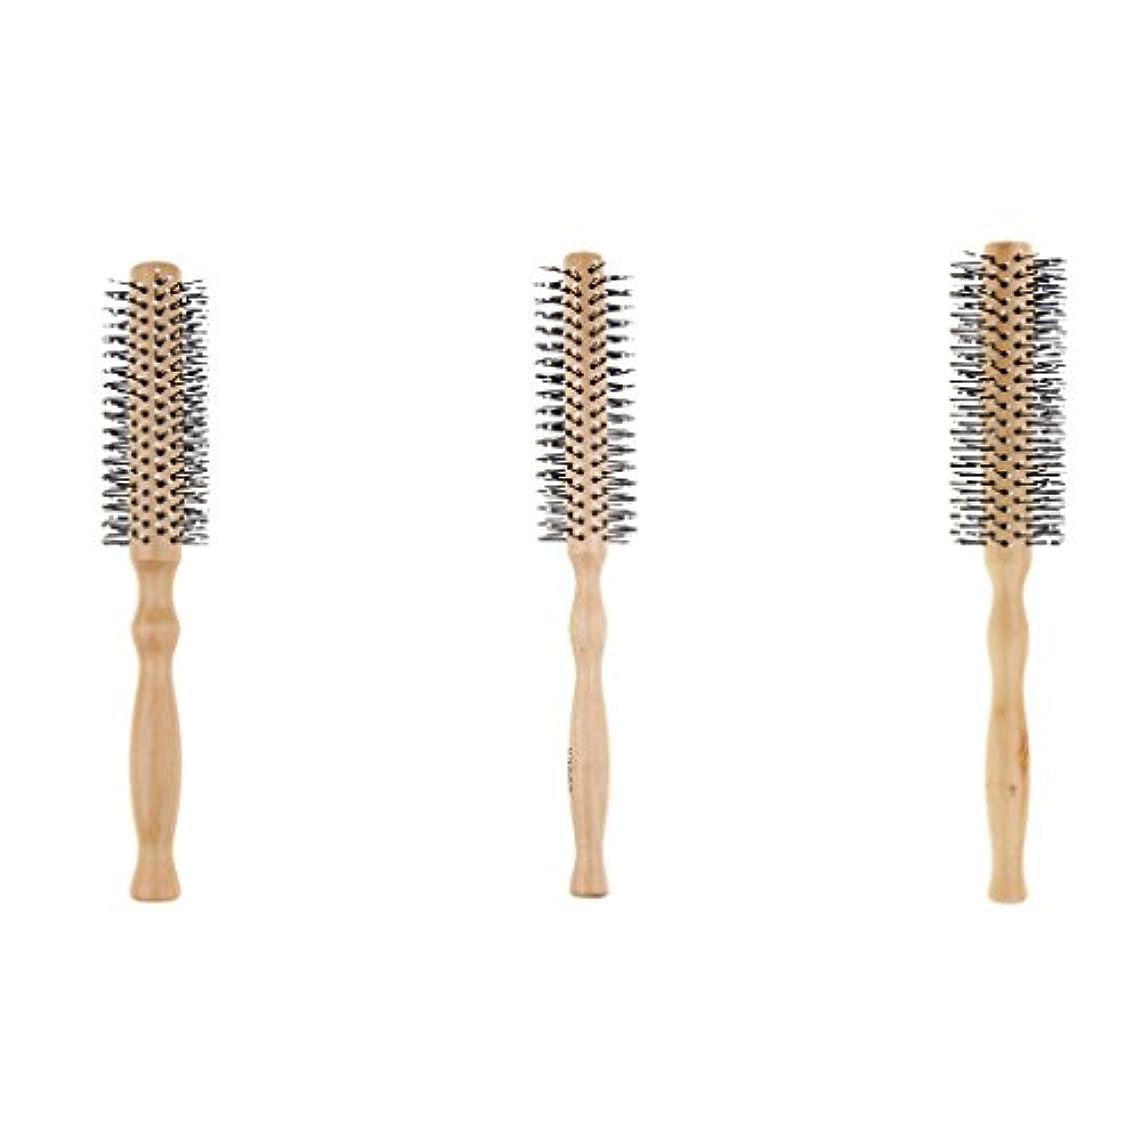 ジョージエリオットトランスミッション信念3本セット ロールブラシ ヘアブラシ 木製櫛 スタイリングブラシ 巻き髪 静電気防止